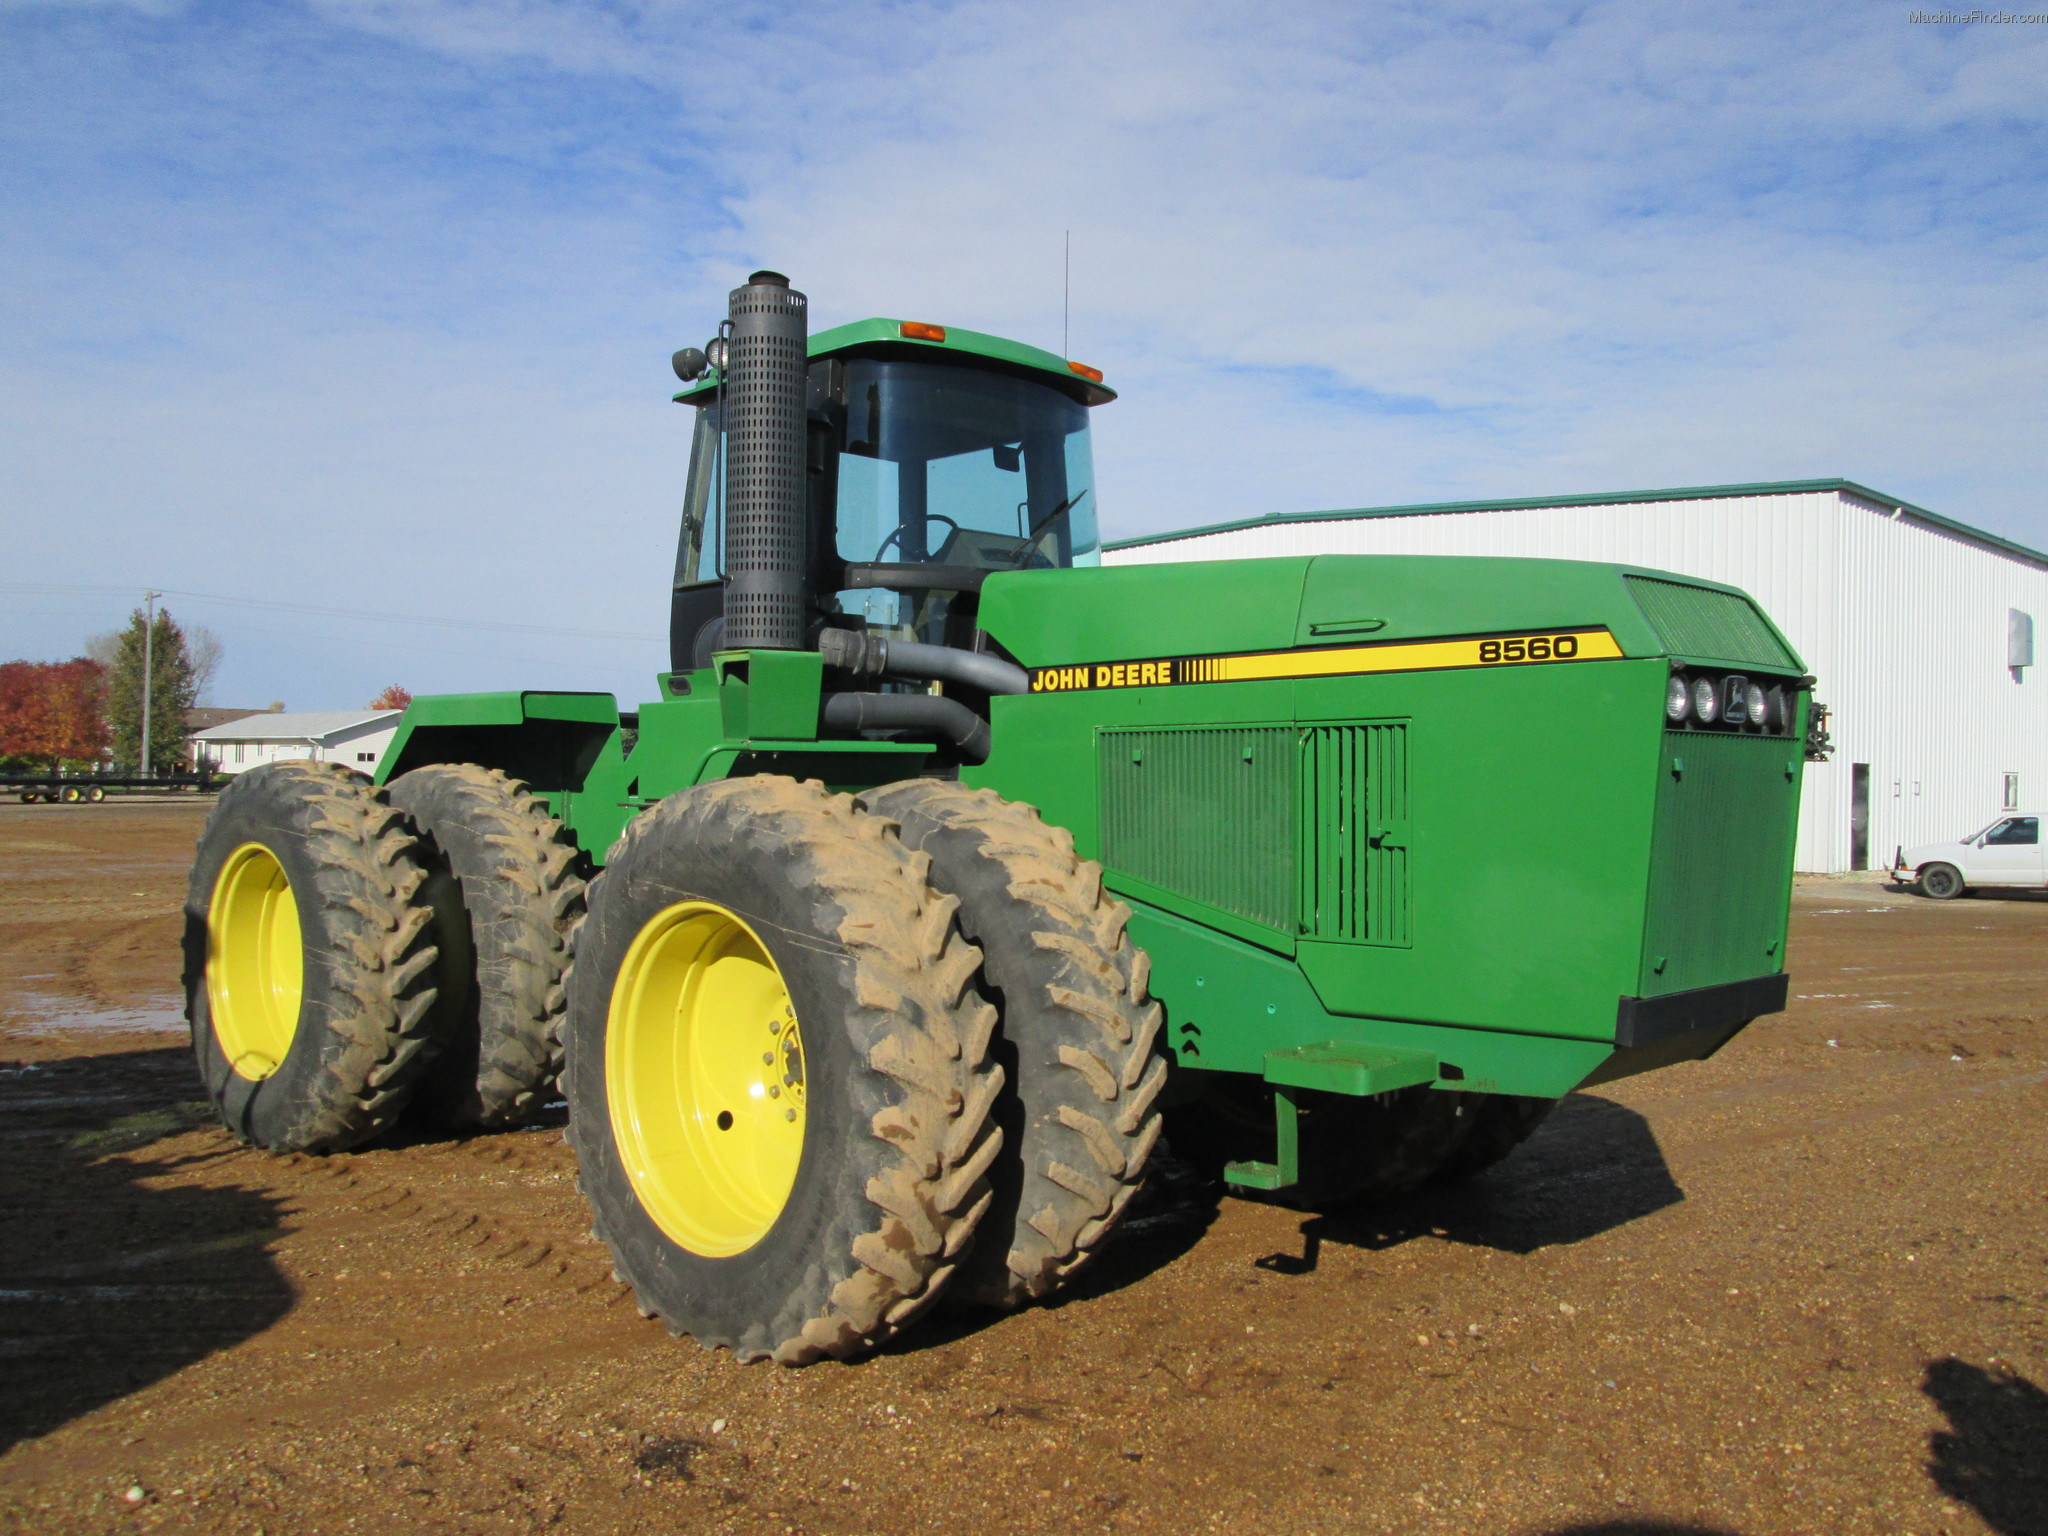 1992 John Deere 8560 Tractors - Articulated 4WD - John ...